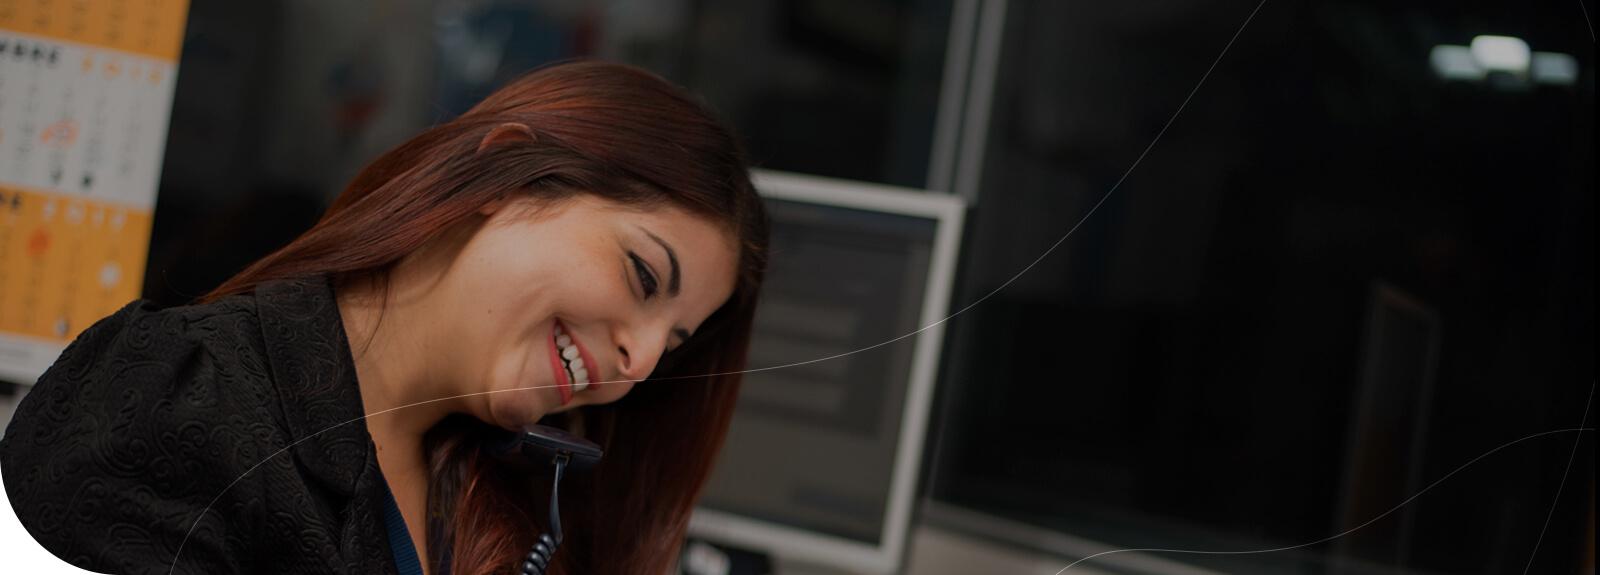 Personal ejecutivo en oficina atendiendo llamada telefónica